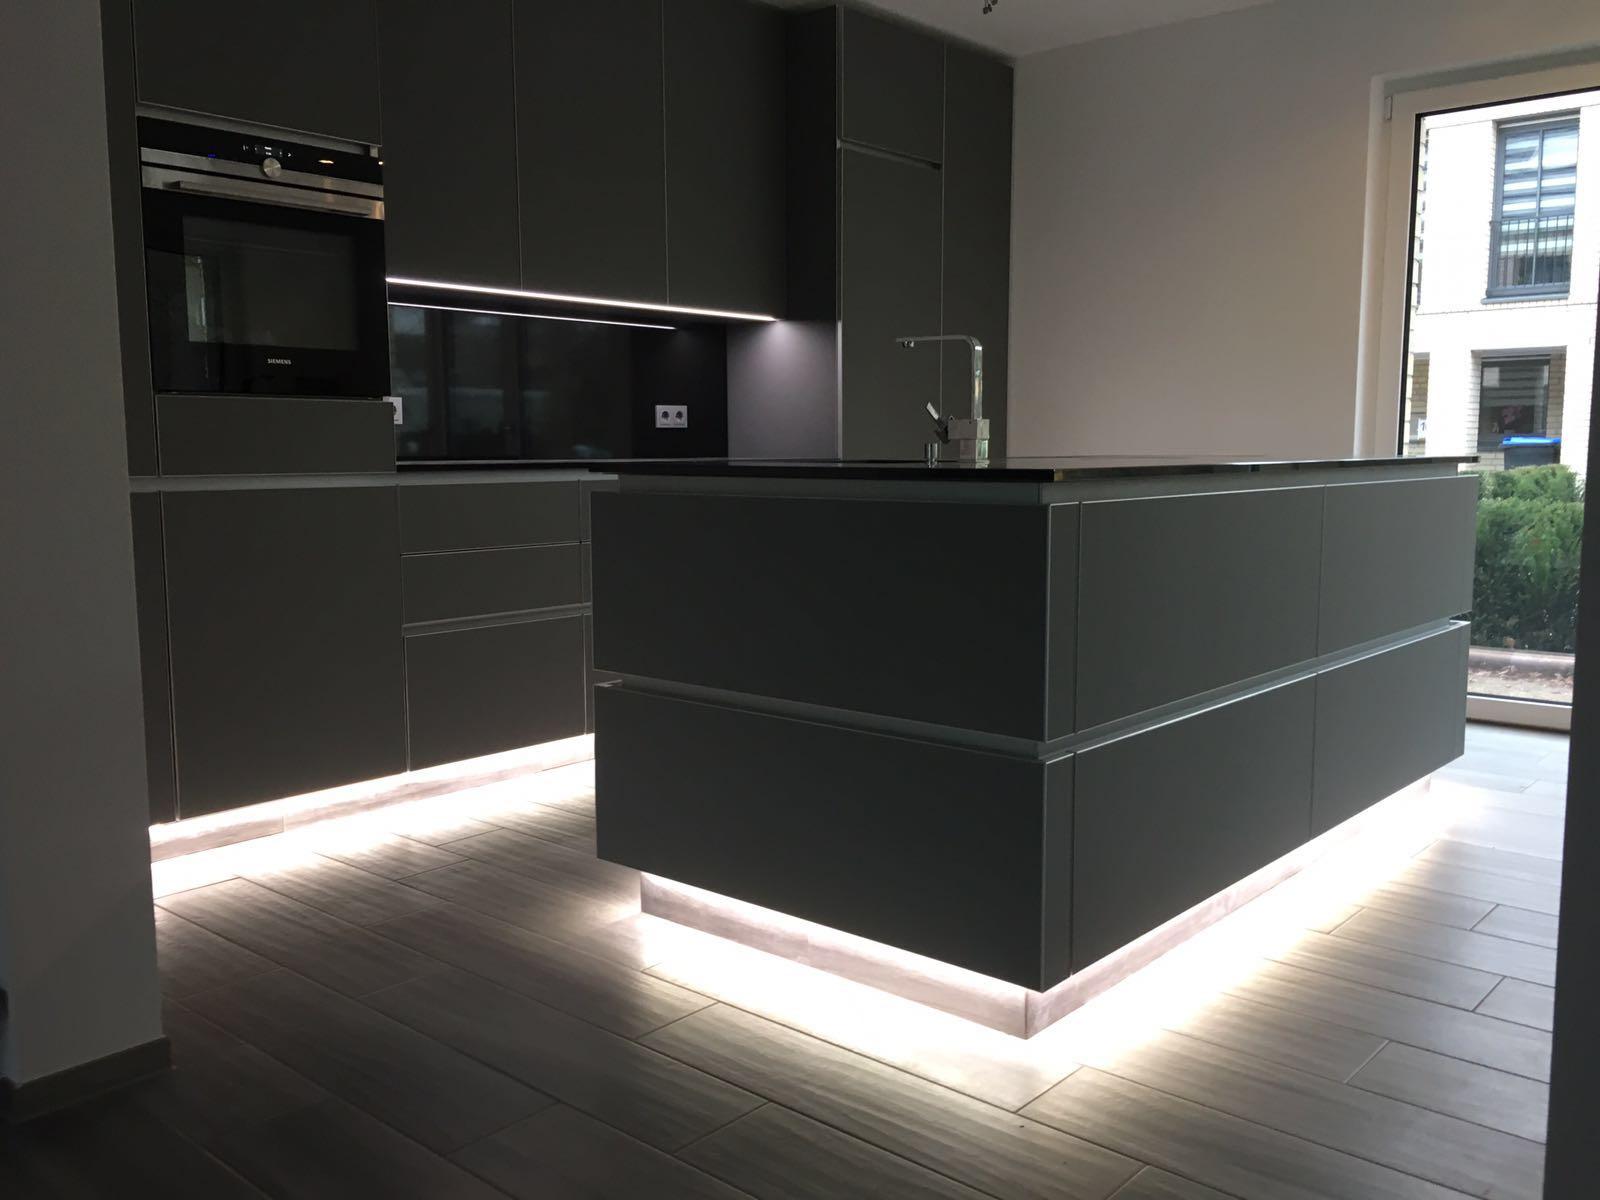 Küche Design Glas-Matt Granit K › Einrichtung-Exklusiv ✓ Möbel und ...